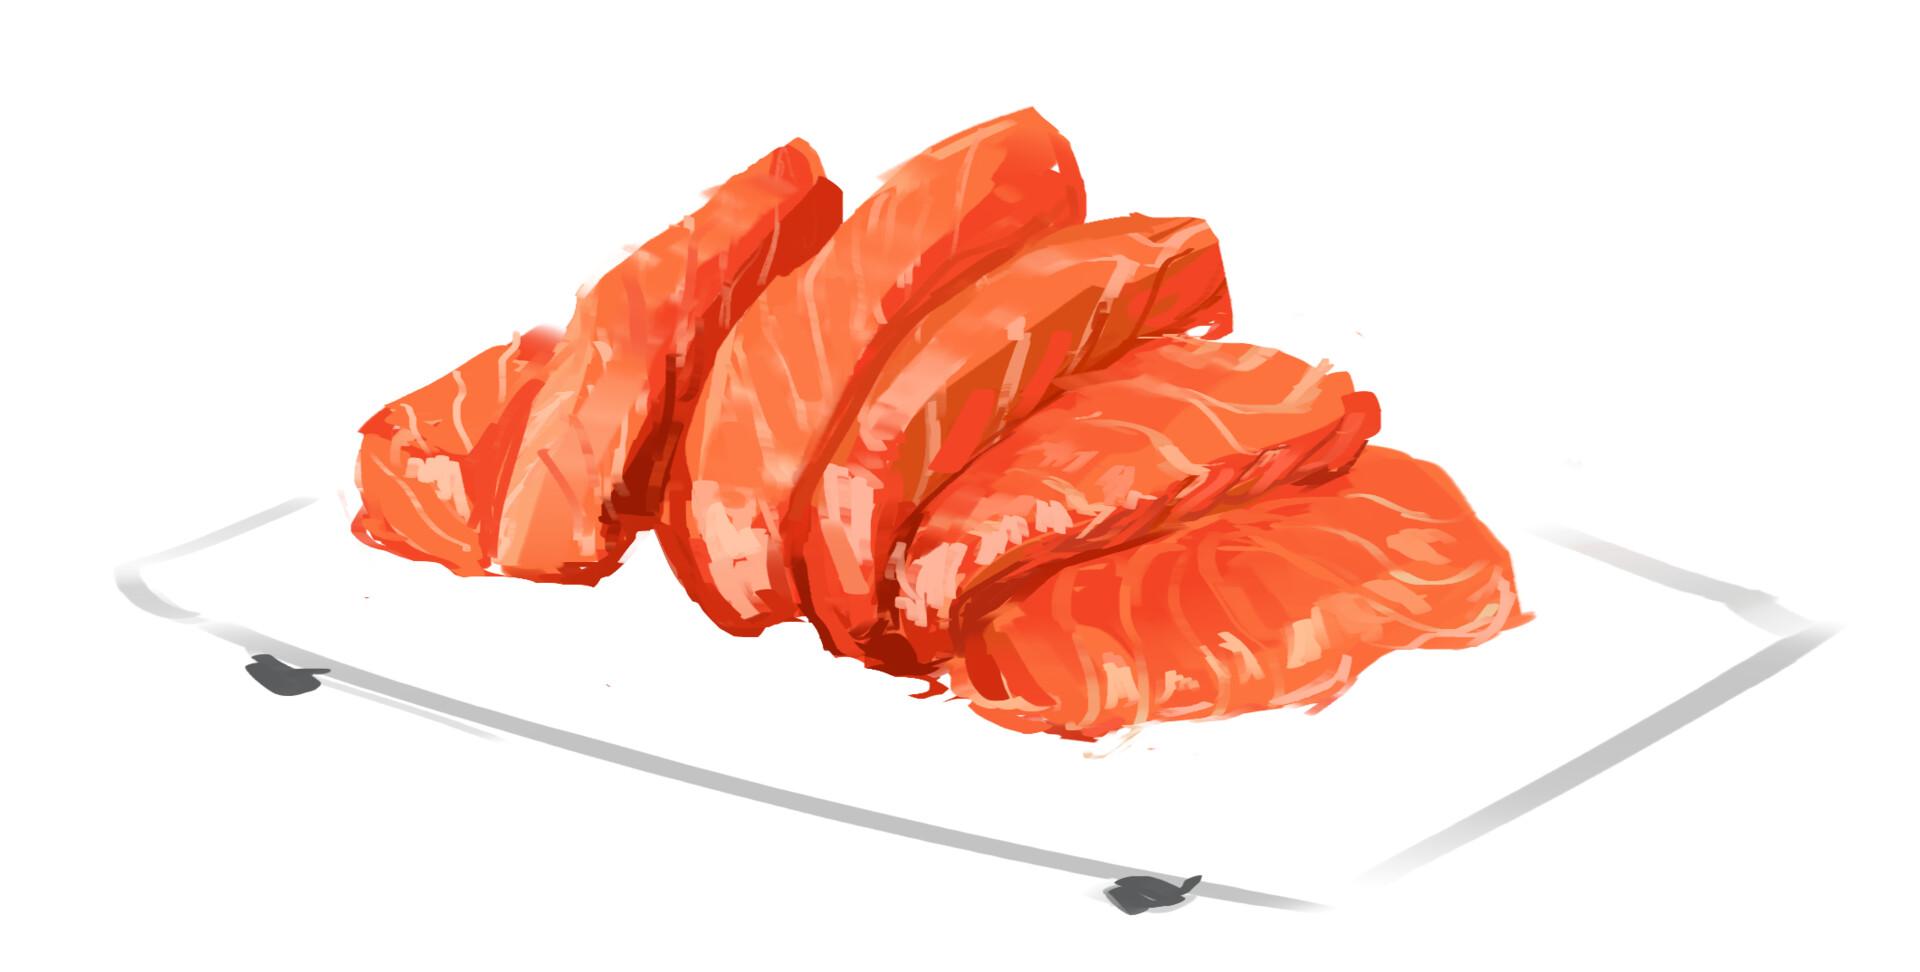 Enrique gan salmon